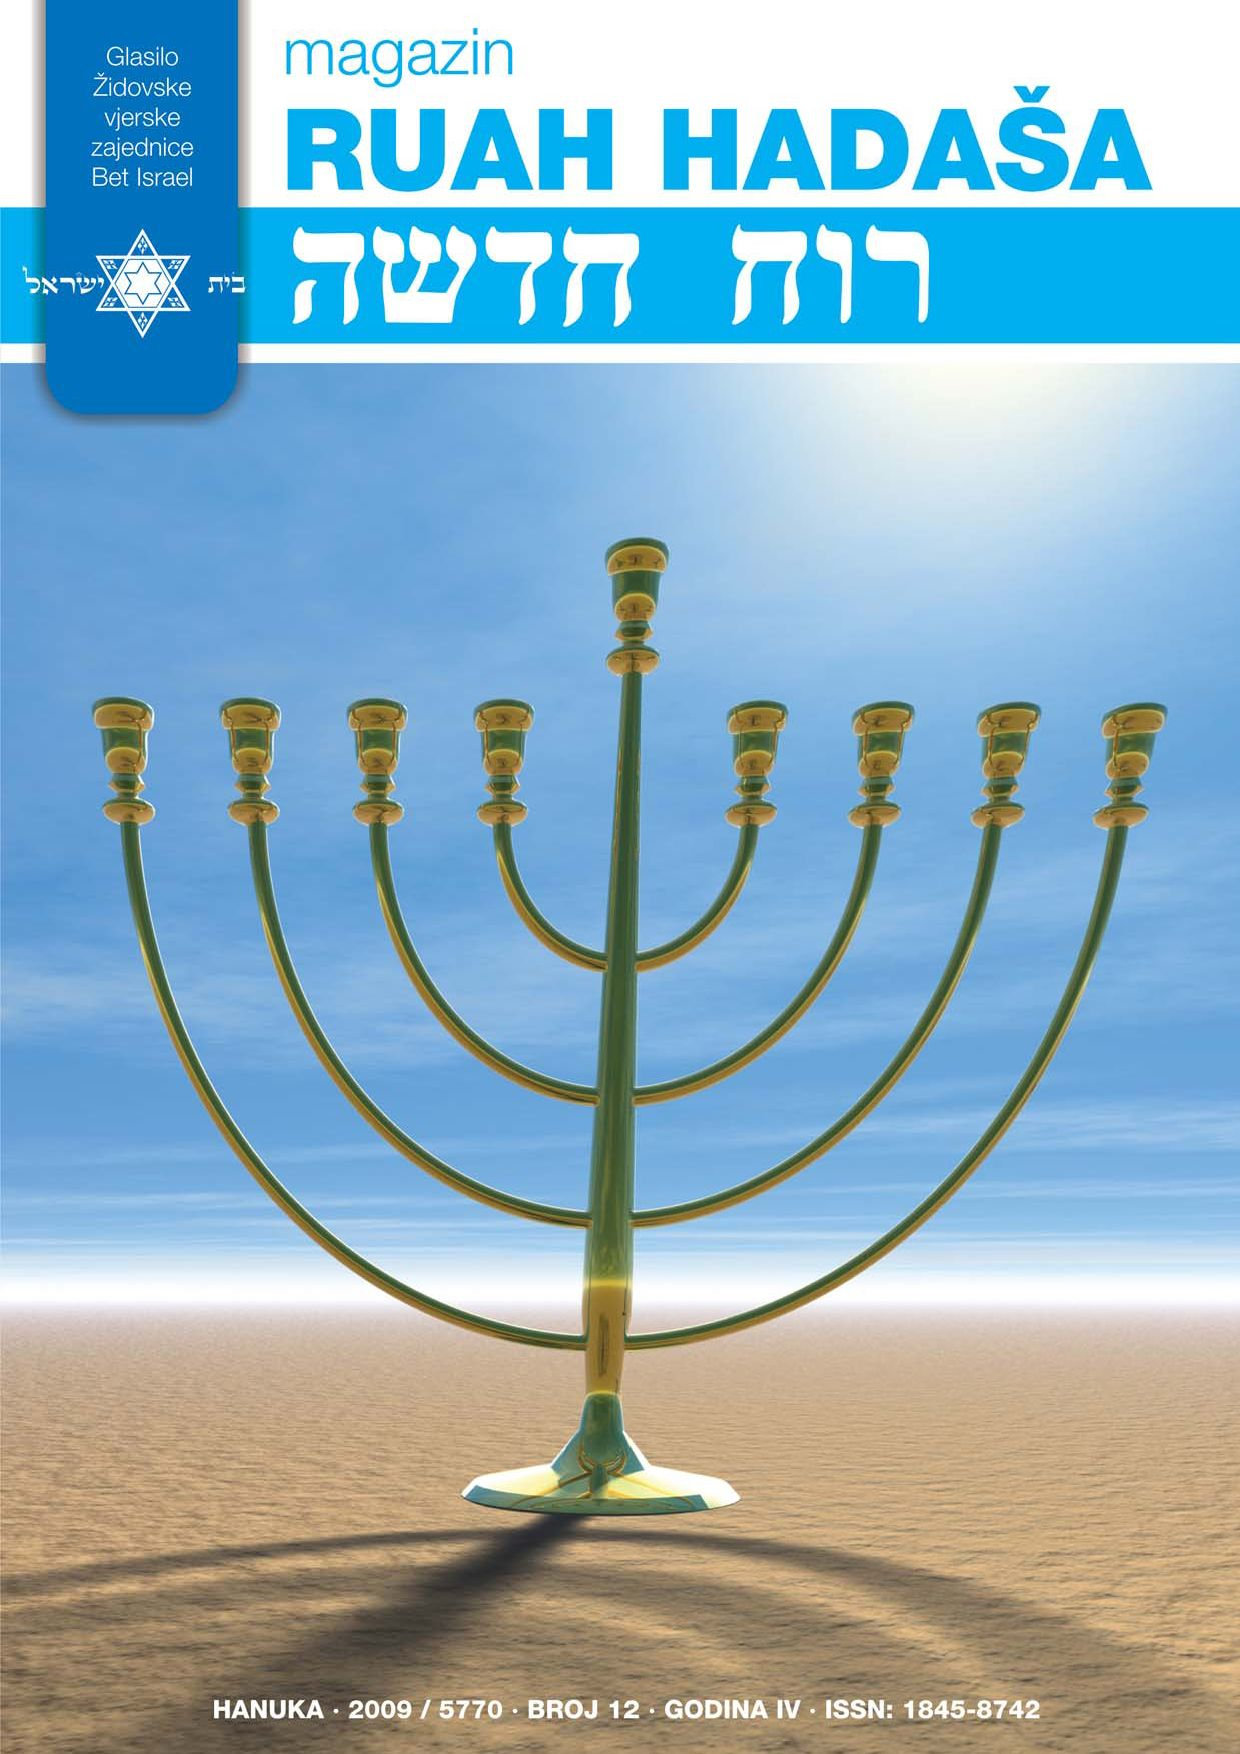 Web stranica za upoznavanje israel-a